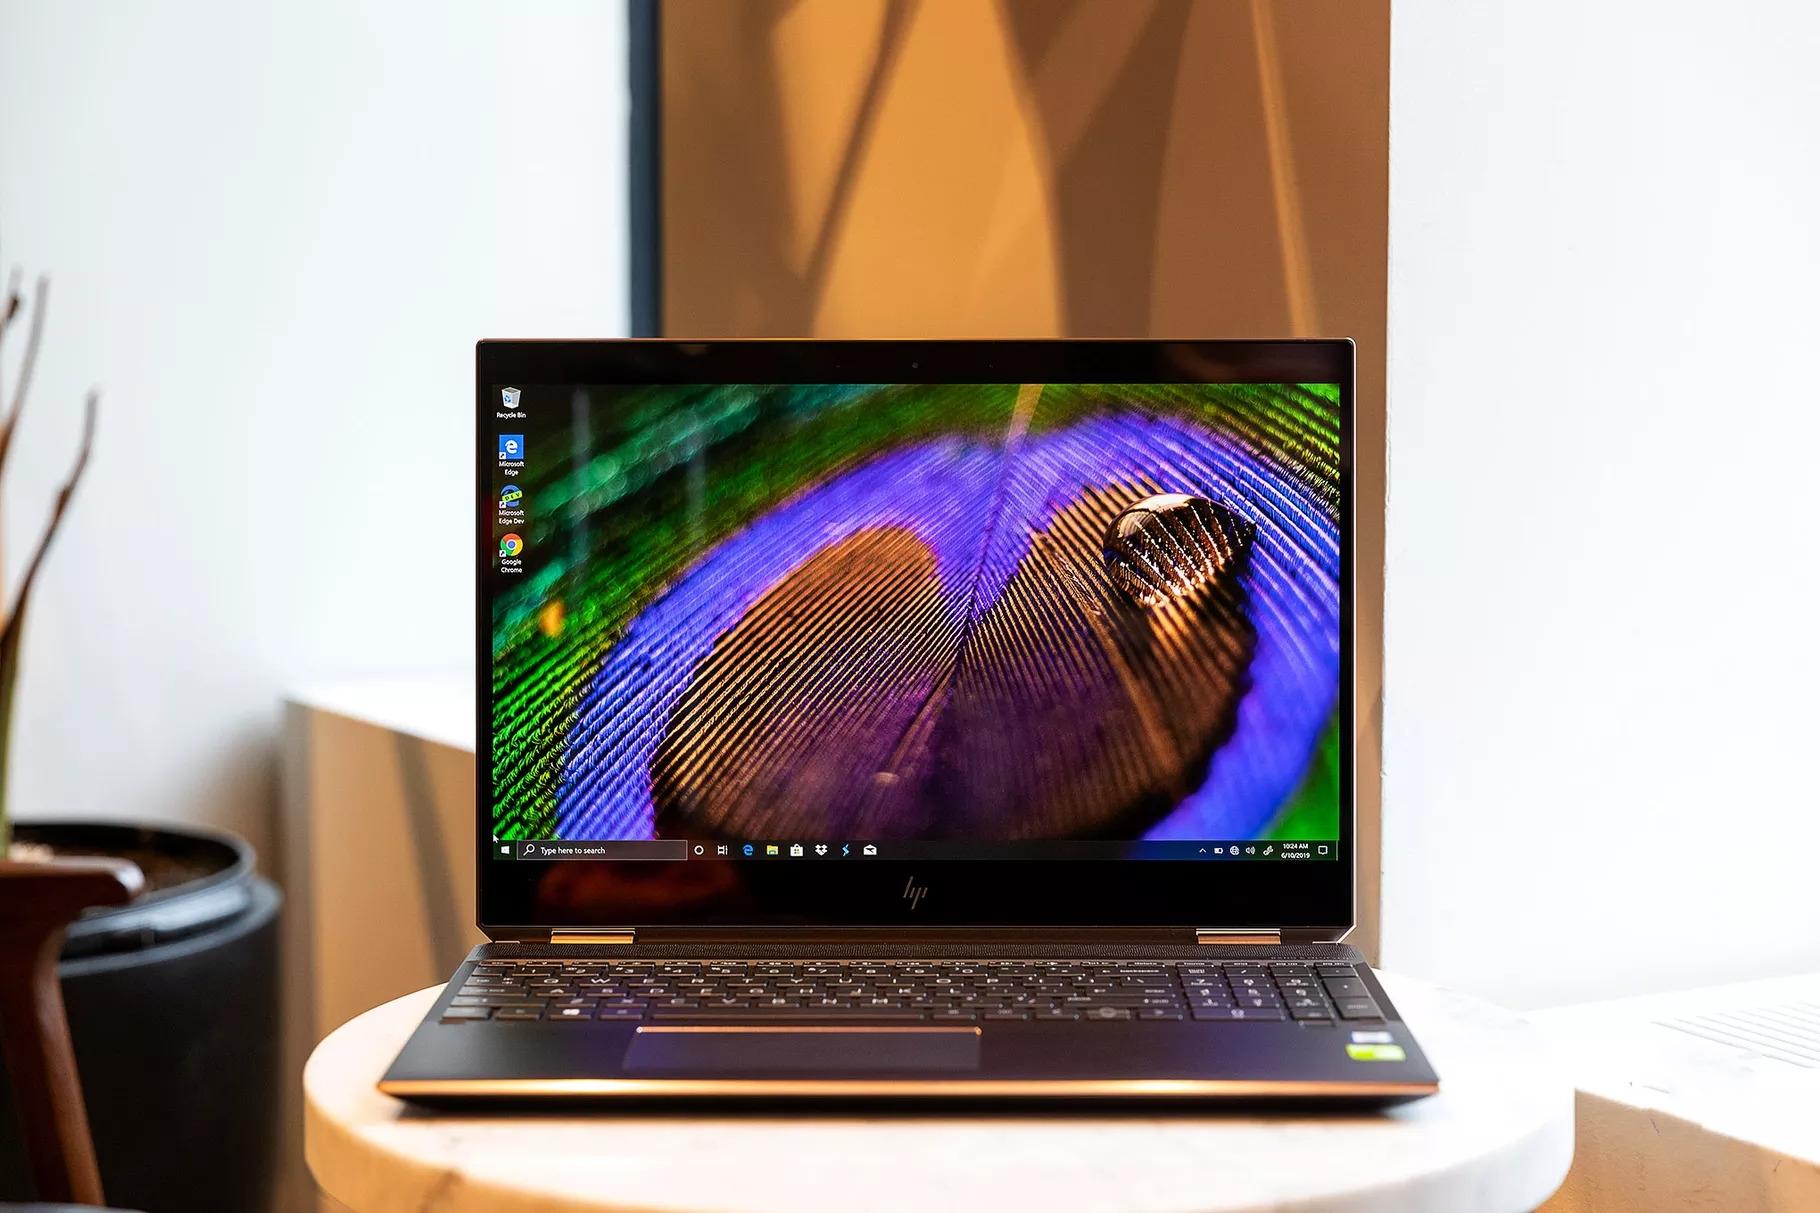 hp_x360_15_inch_2020_display_laptopvang.com